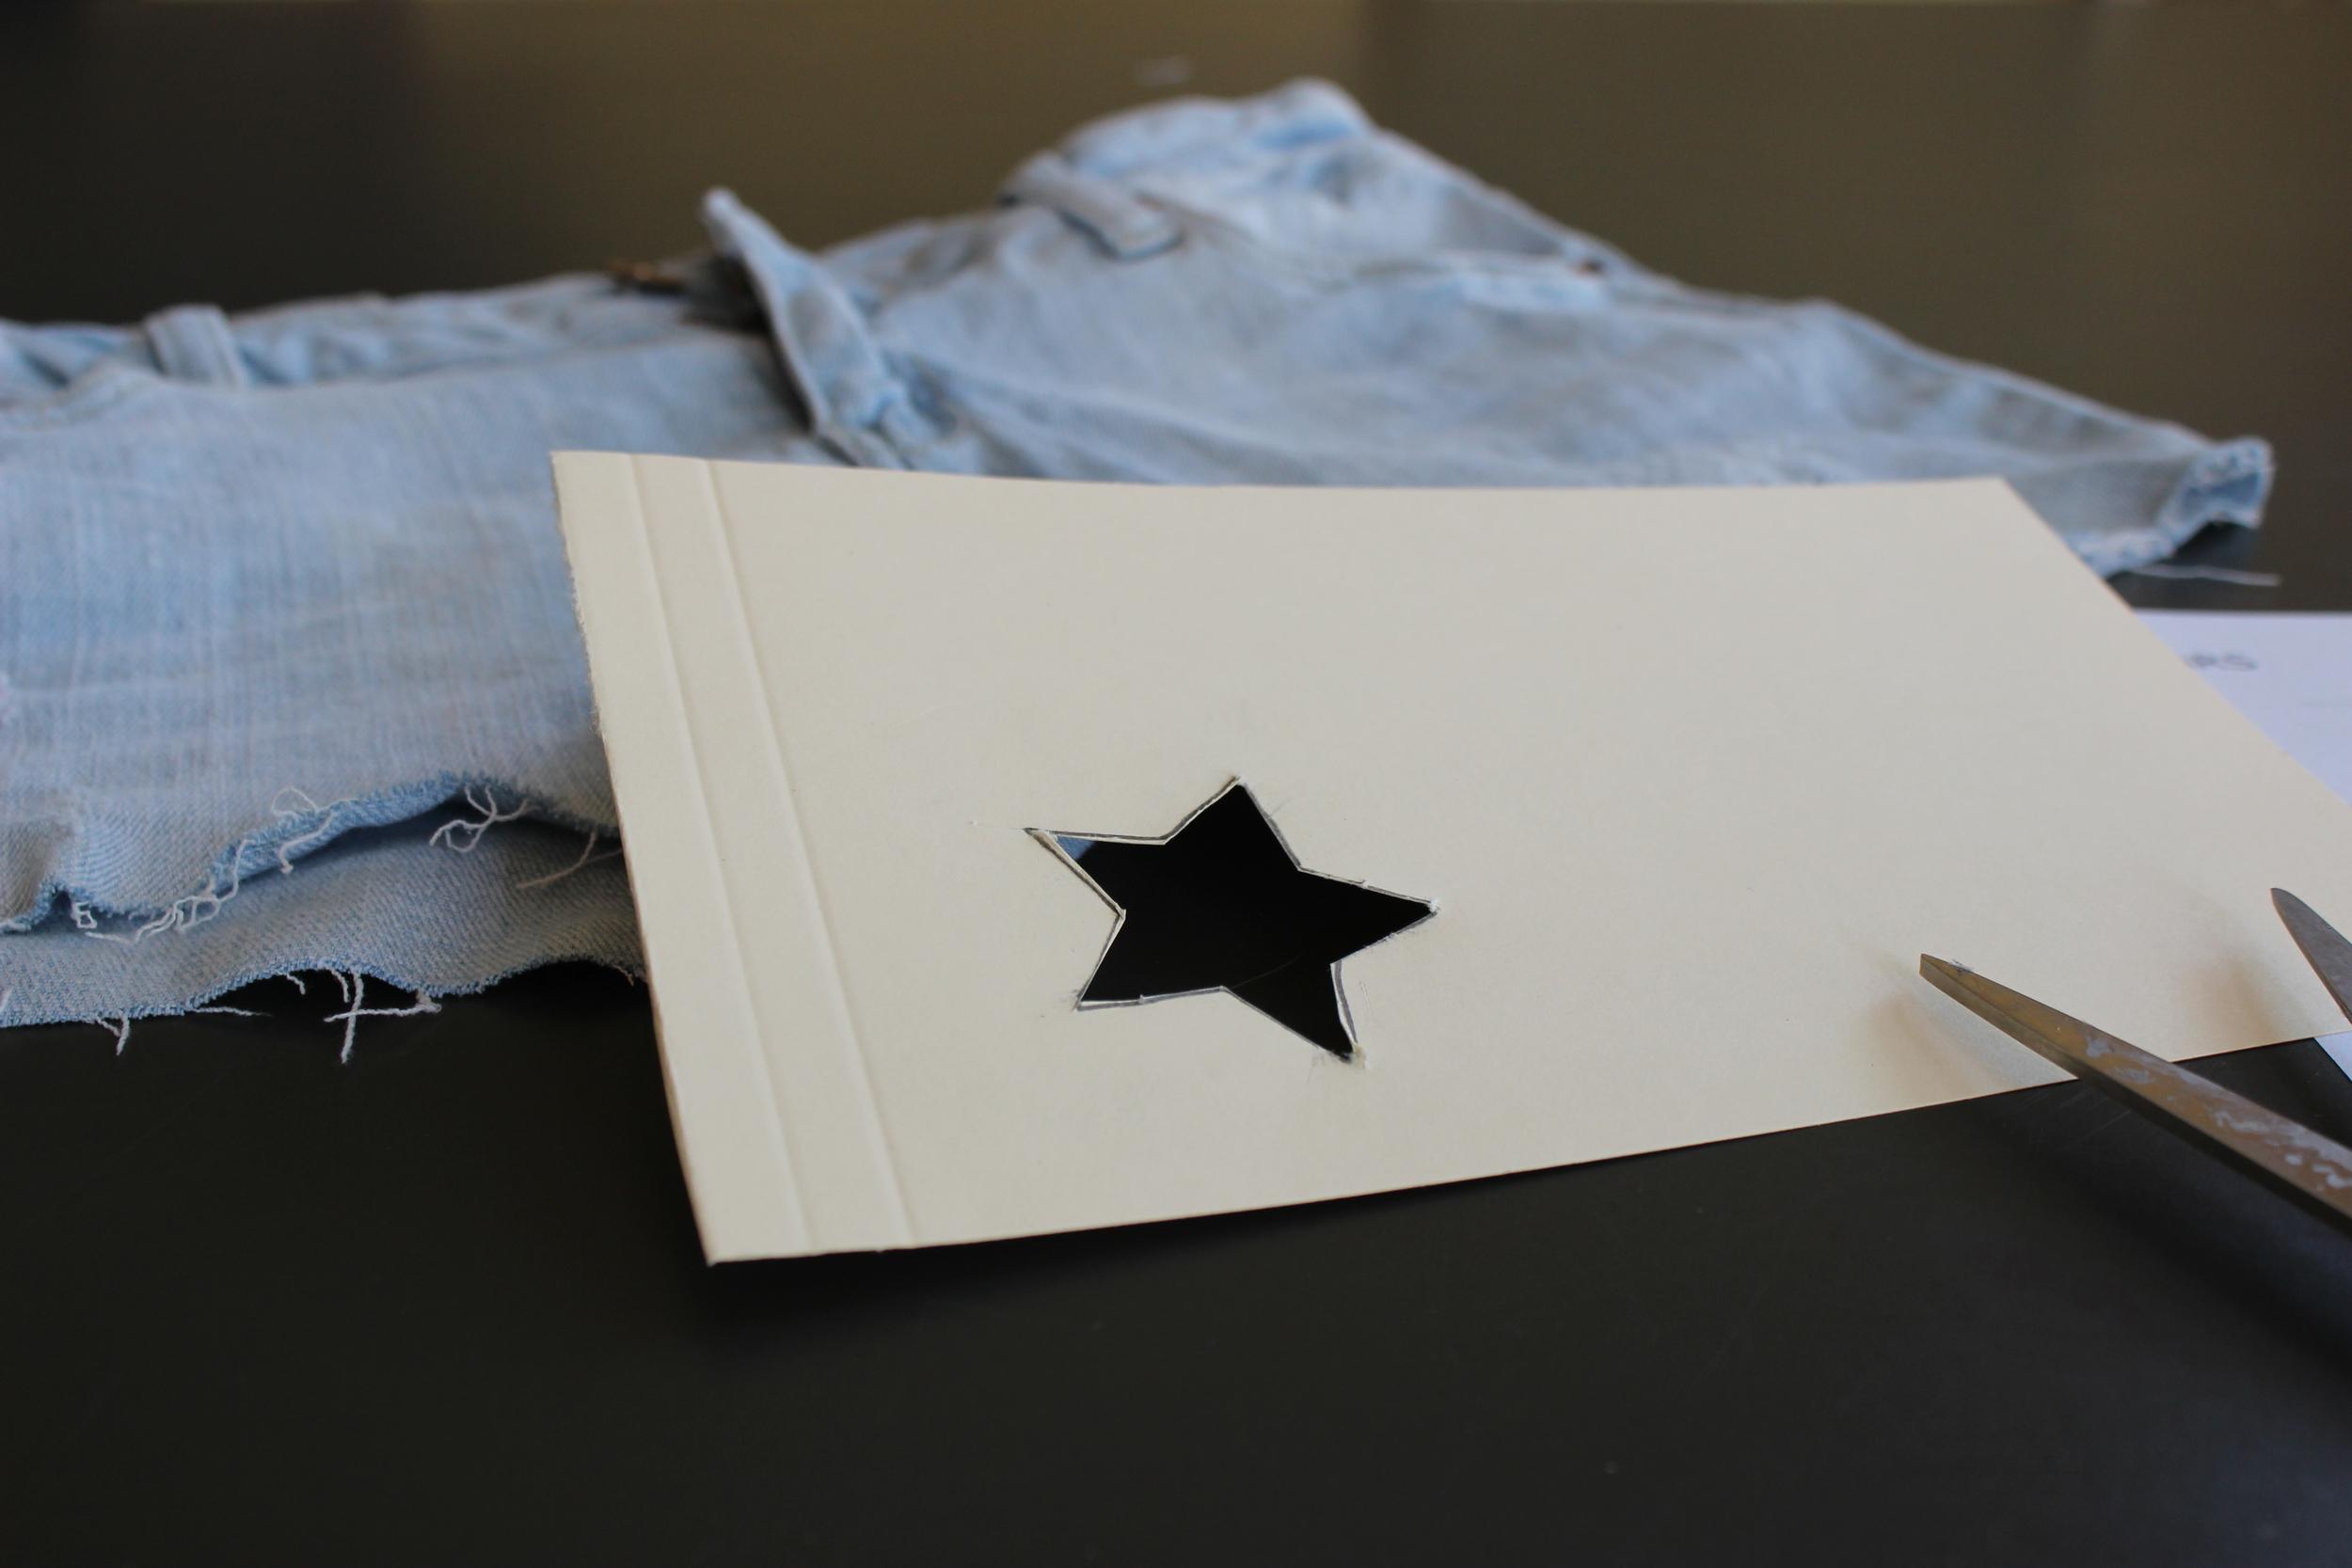 Cut the star.